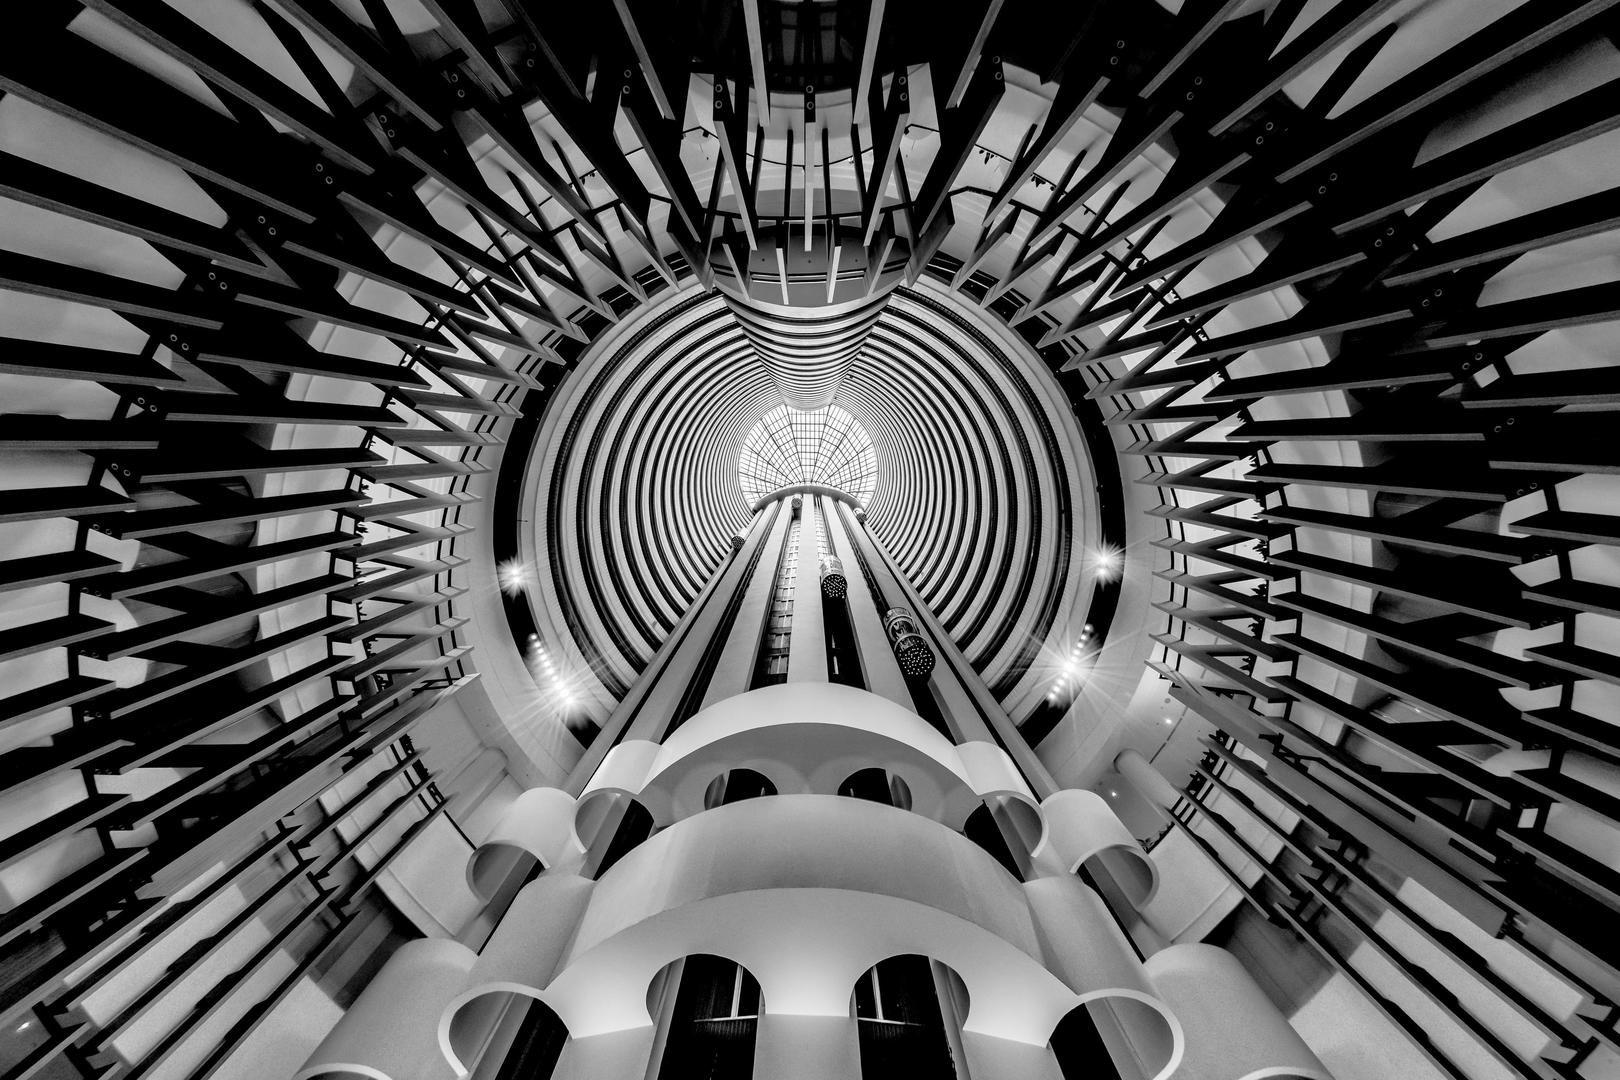 © Сео Сви Менг, Фотоконкурс «В чёрно-белом» от PDN